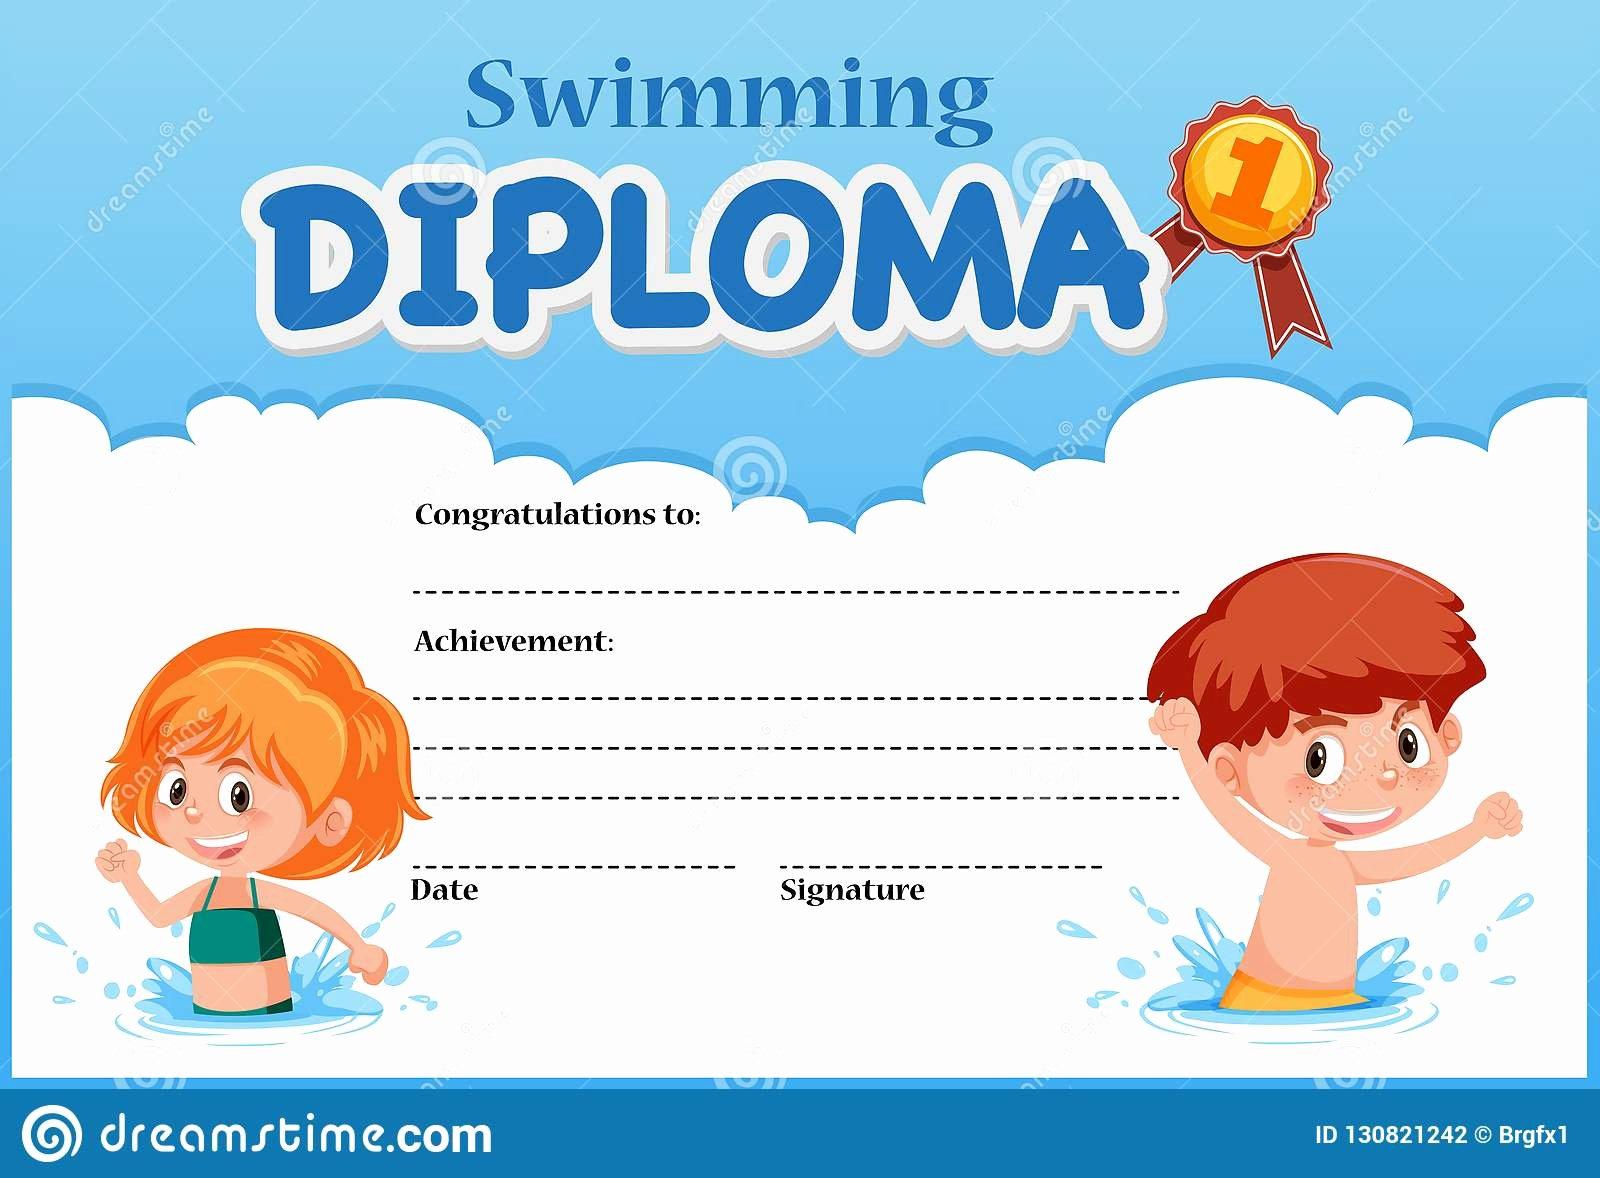 Swimming Certificate Template Free Elegant Swimming Diploma Certificate Template Stock Vector